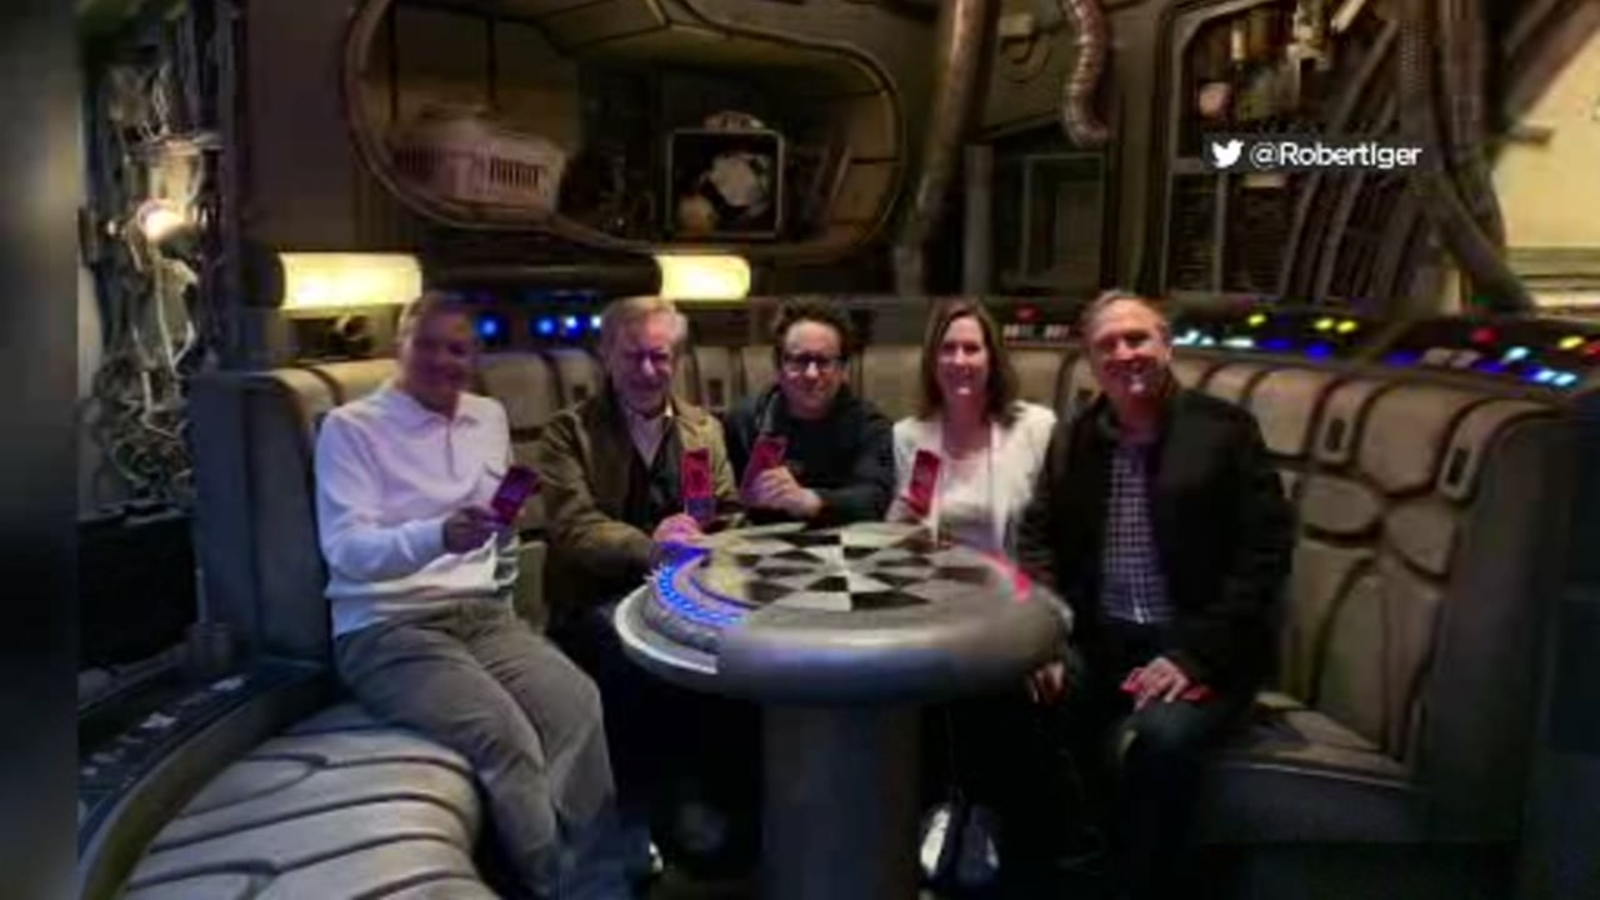 Stephen Spielberg, JJ Abrams get tour of 'Star Wars: Galaxy's Edge'